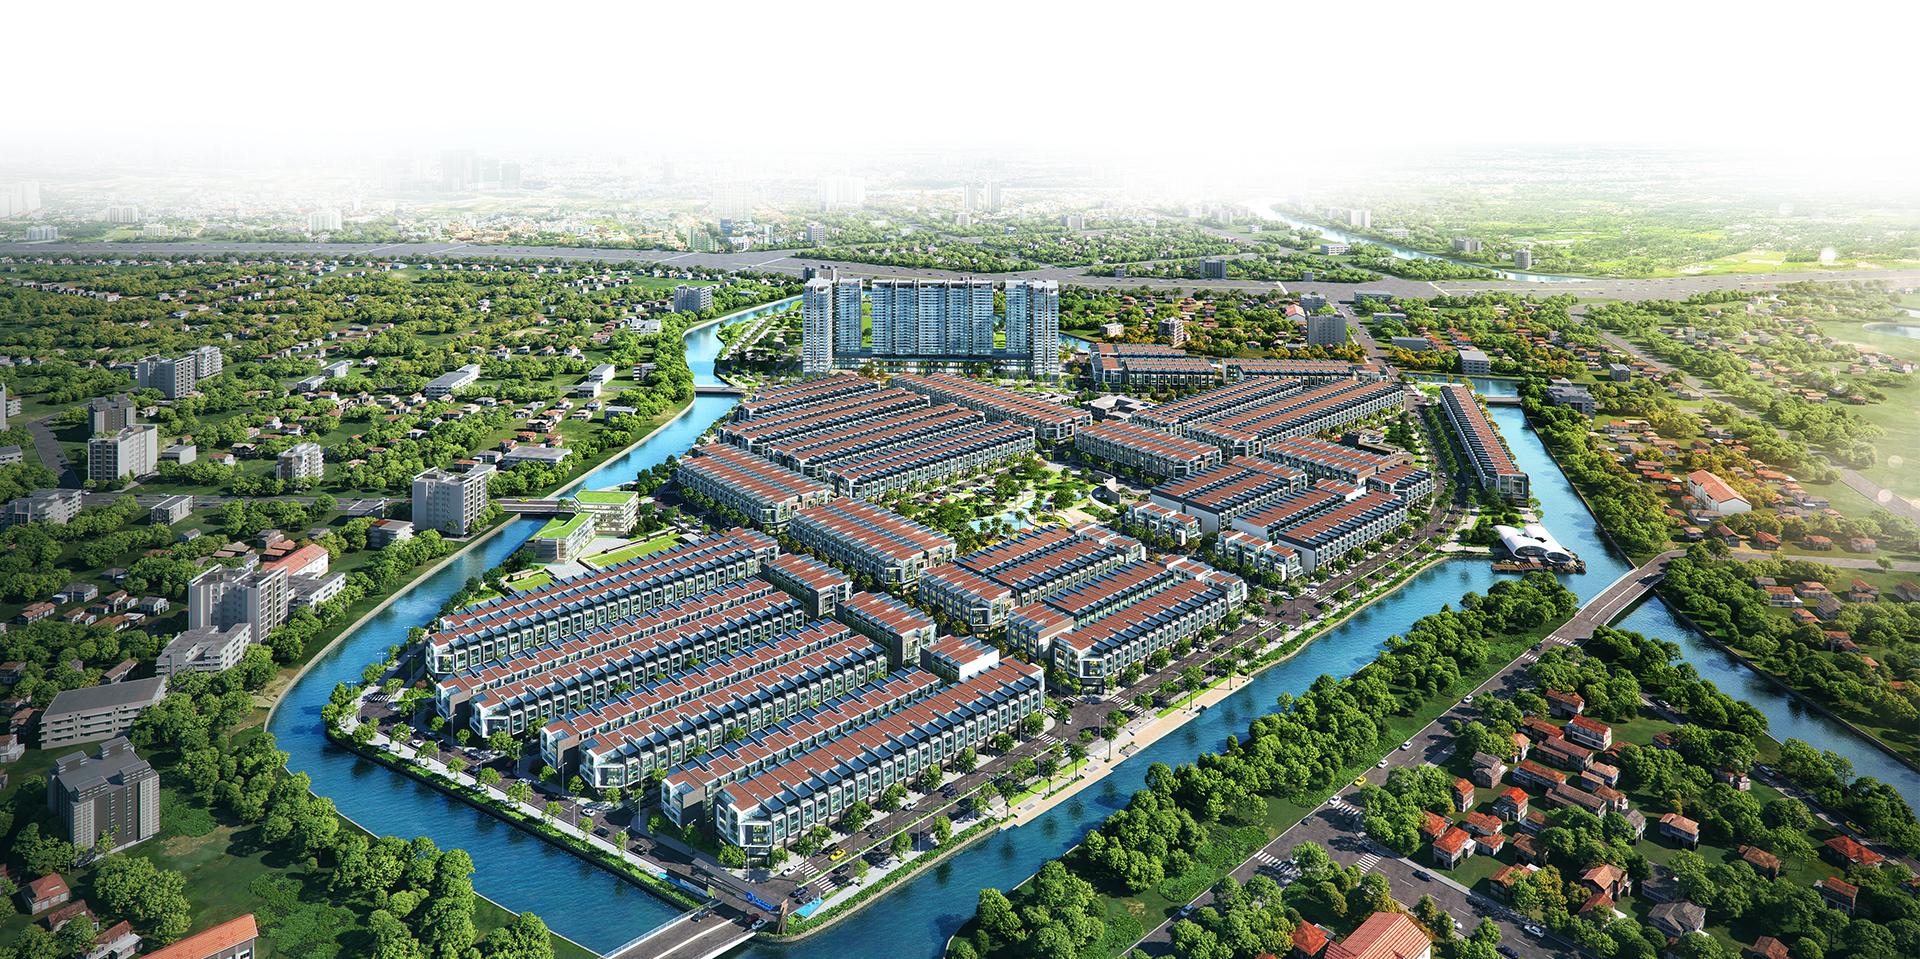 Dự kiến hoàn tất bàn giao 1.000 căn hộ quận 7, BĐS An Gia lên kế hoạch lãi 410 tỉ đồng - Ảnh 3.